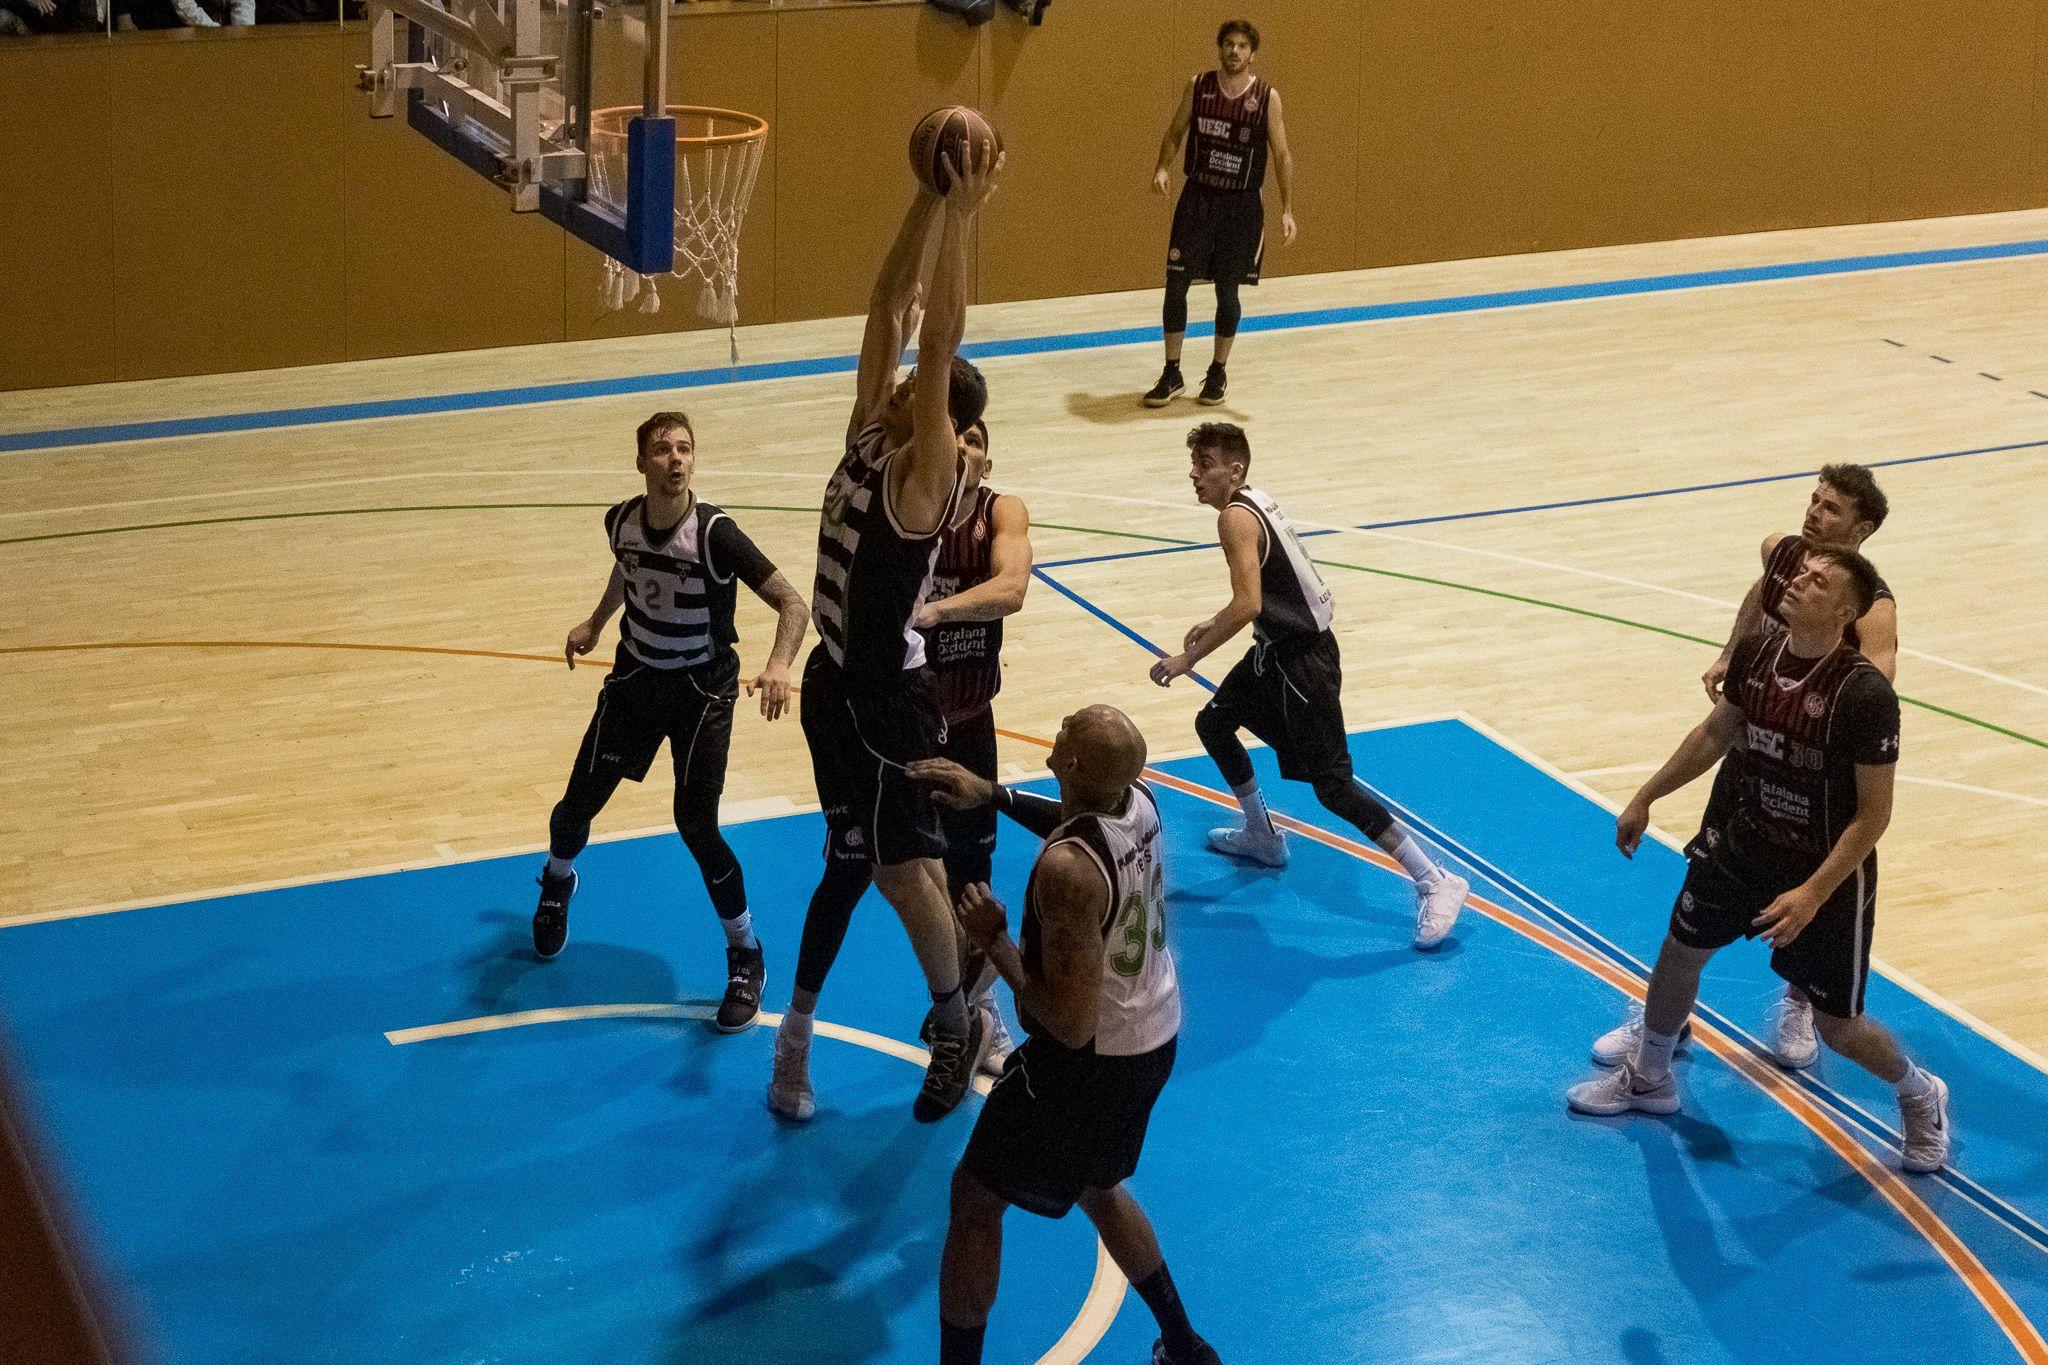 Bàsquet masculí. Partit de lliga. UE Sant Cugat-Reus Ploms Salle. FOTO: Ale Gómez